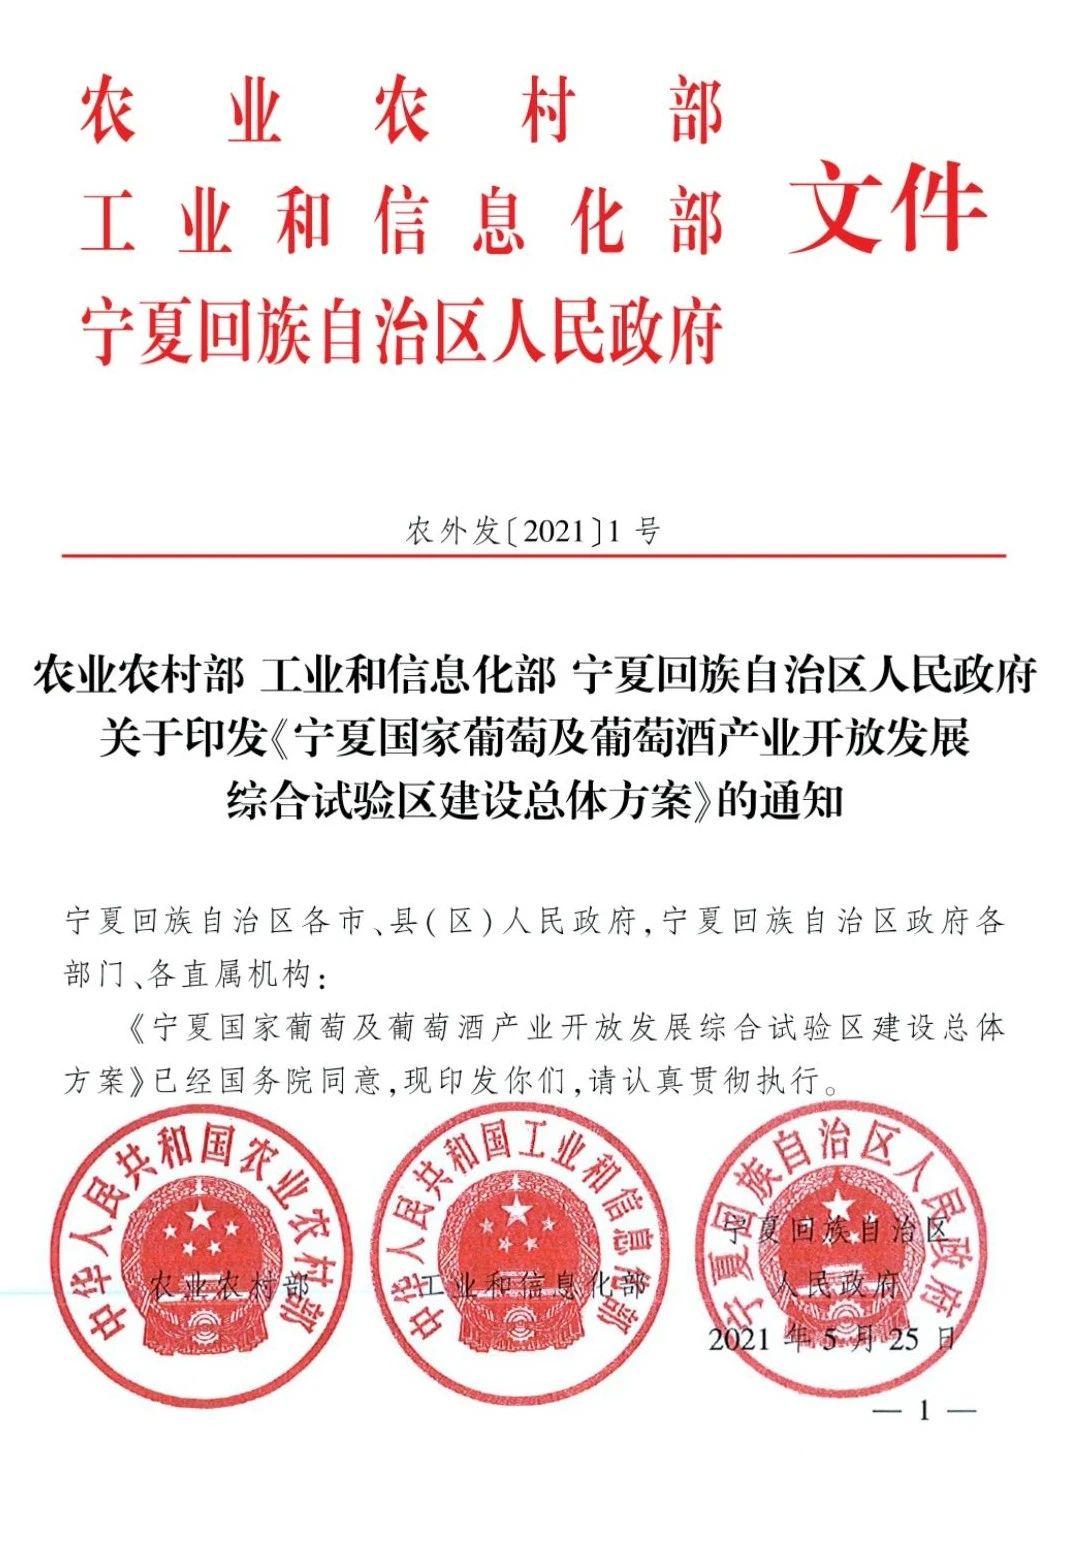 宁夏葡萄及葡萄酒产业开放发展综合试验区建设总体方案来啦!